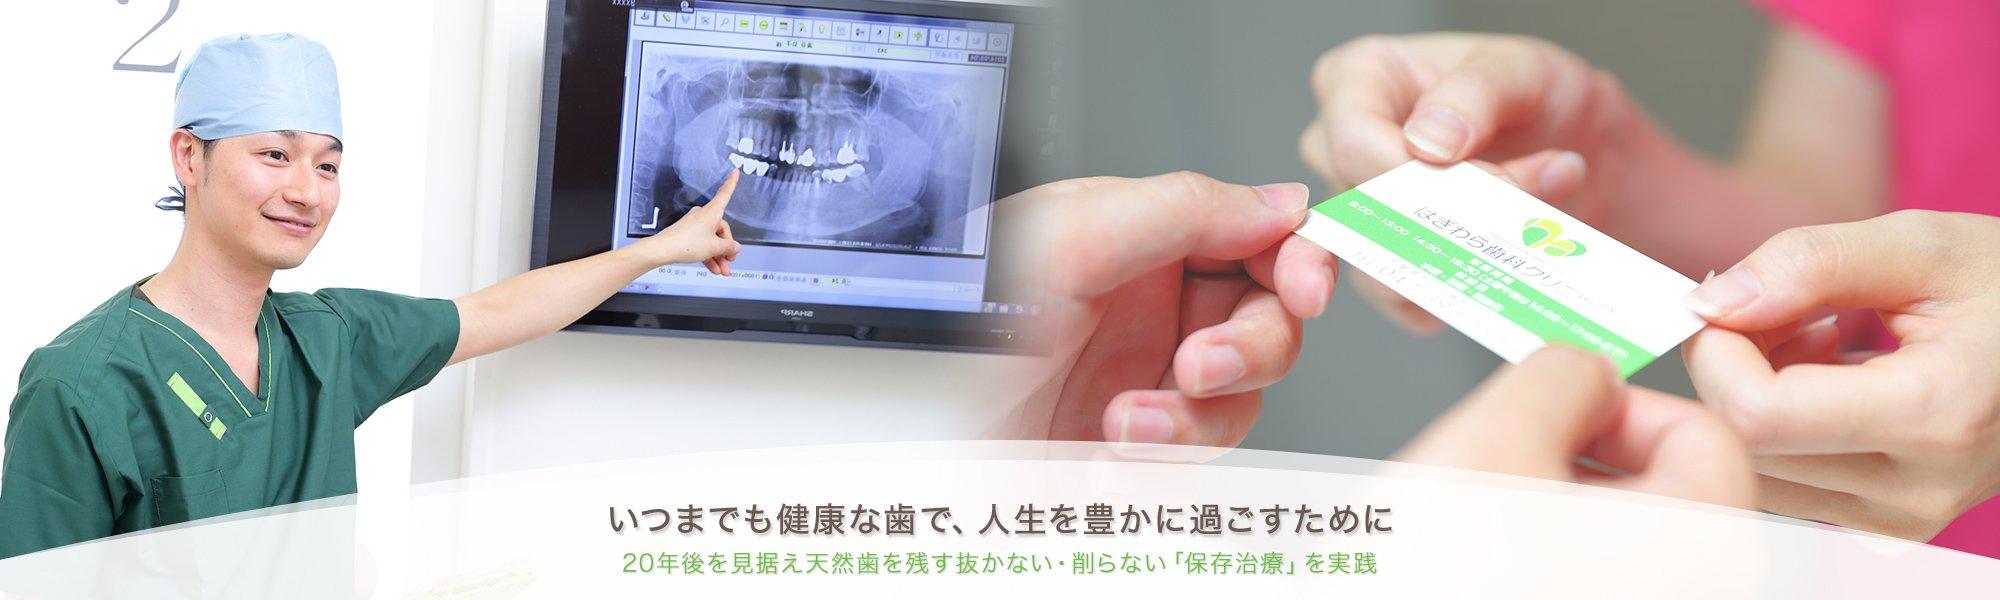 いつまでも健康な歯で、人生を豊かに過ごすために